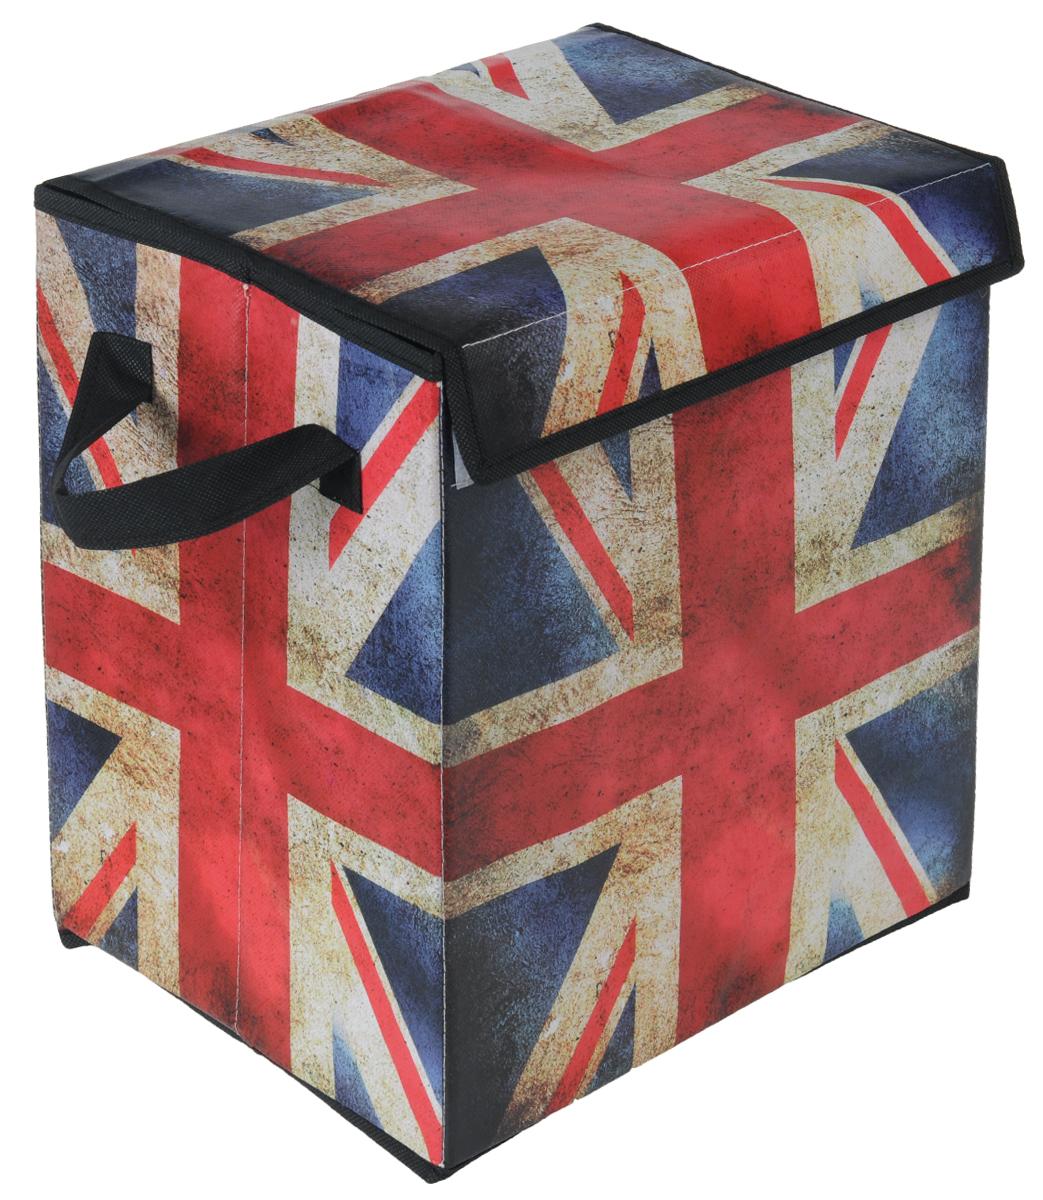 Кофр для хранения El Casa Британский флаг, складной, 30 х 22 х 22 см171138Складной кофр El Casa Британский флаг, выполненный из МДФ и экокожи, понравится всем ценителям оригинальных вещей. Благодаря удобной конструкции складывается и раскладывается одним движением. В сложенном виде изделие занимает минимум места, его легко хранить и перевозить. В таком кофре можно хранить всевозможные предметы: книги, игрушки, рукоделие. Яркий дизайн привнесет в ваш интерьер неповторимый шарм.Размер кофра (в собранном виде): 30 см х 22 см х 22 см.